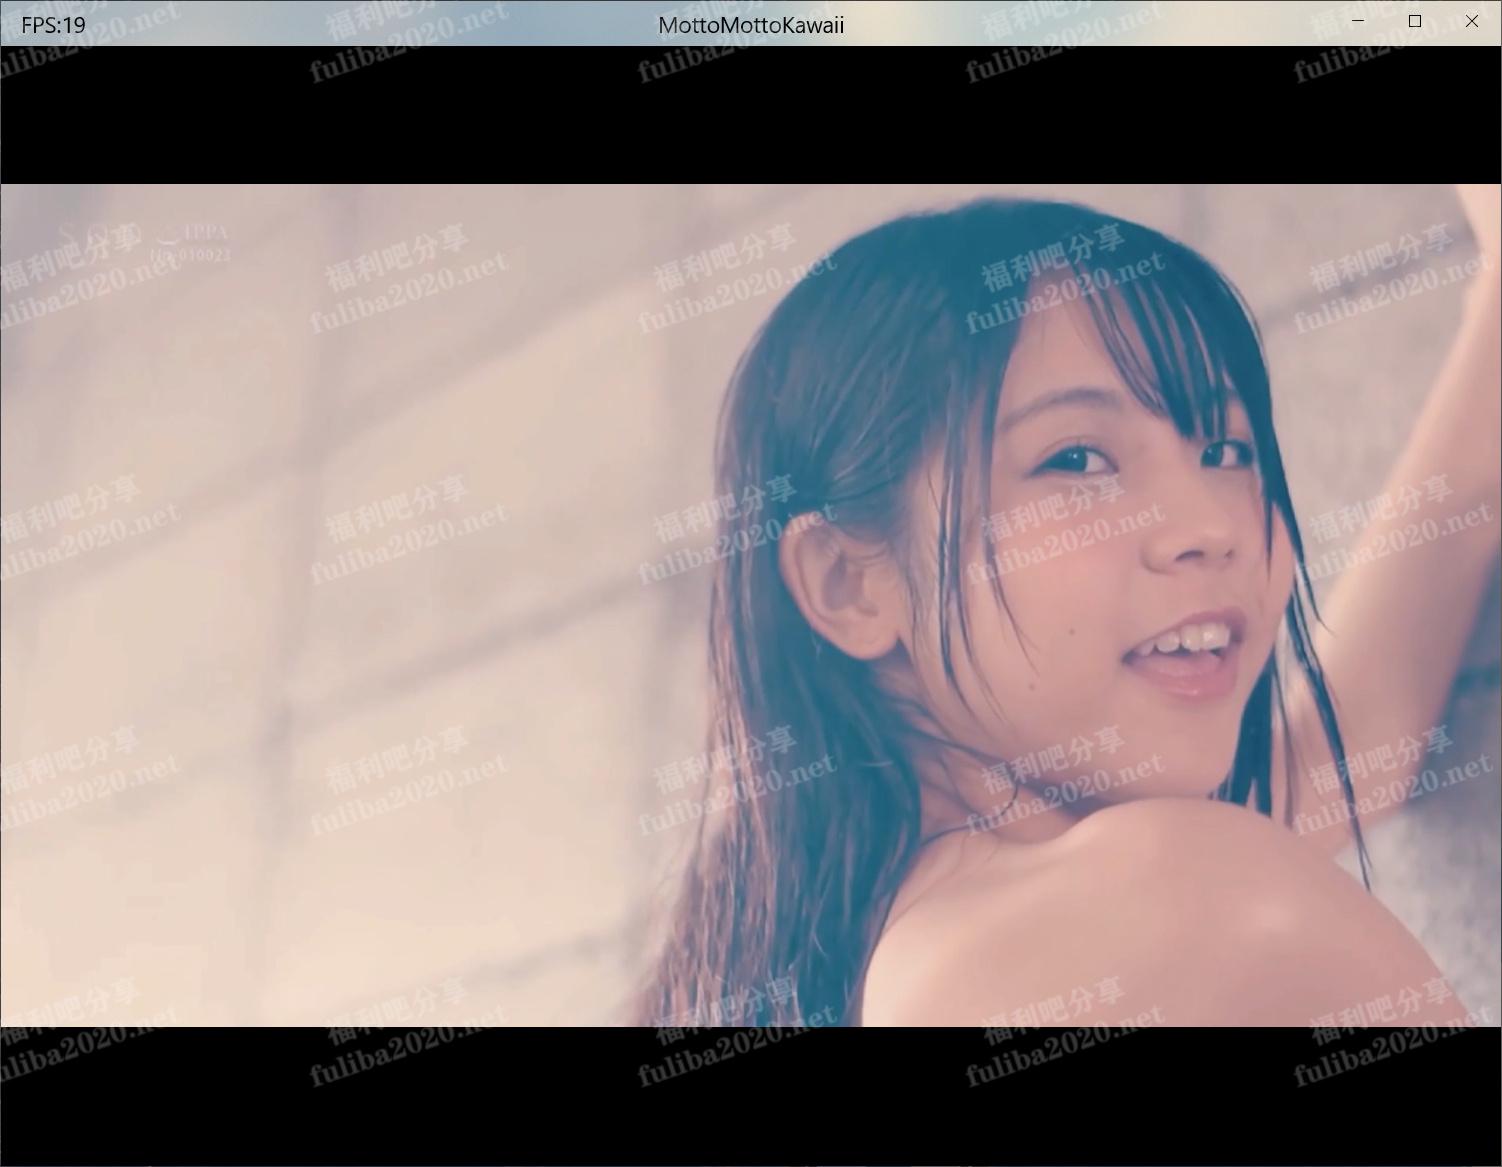 MottoMottoKawaii:系列你懂得视频即时美化播放器,附多种美颜播放方法